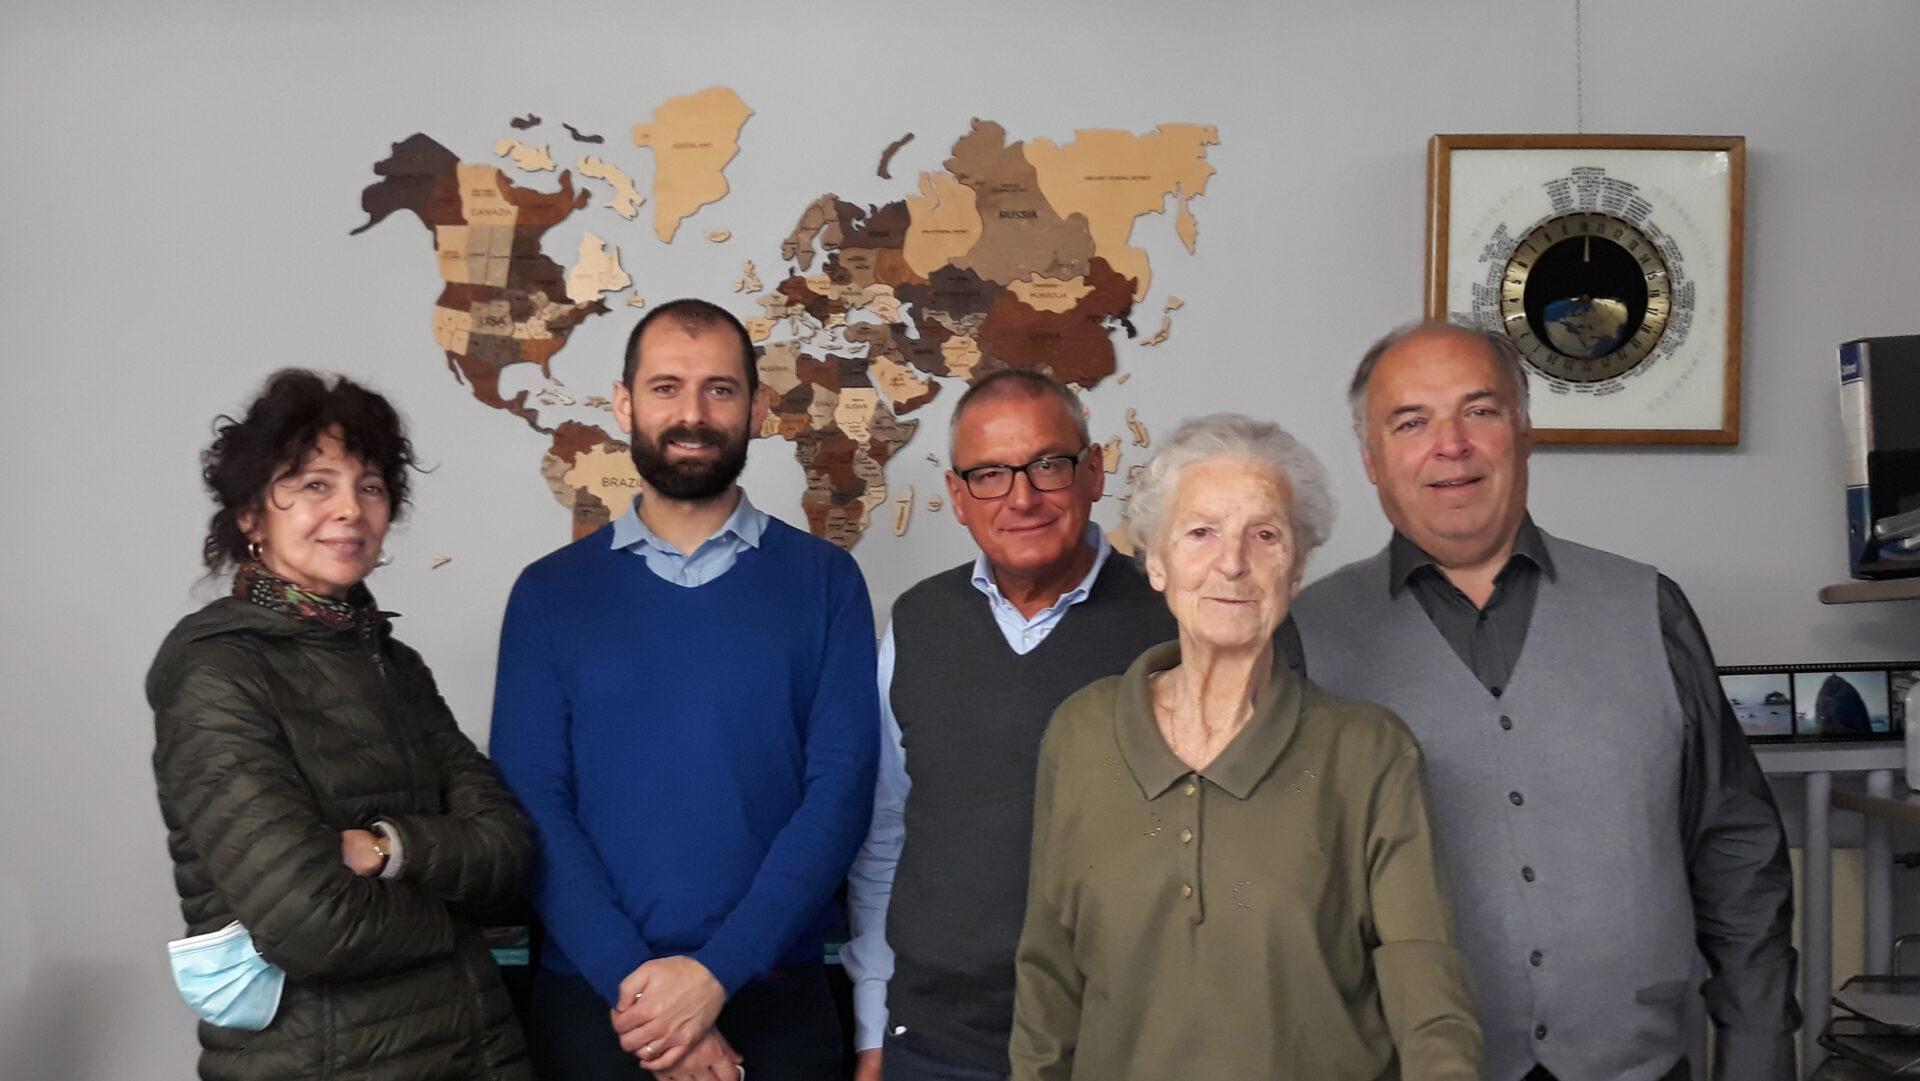 foto 50 anni agenzia - il team